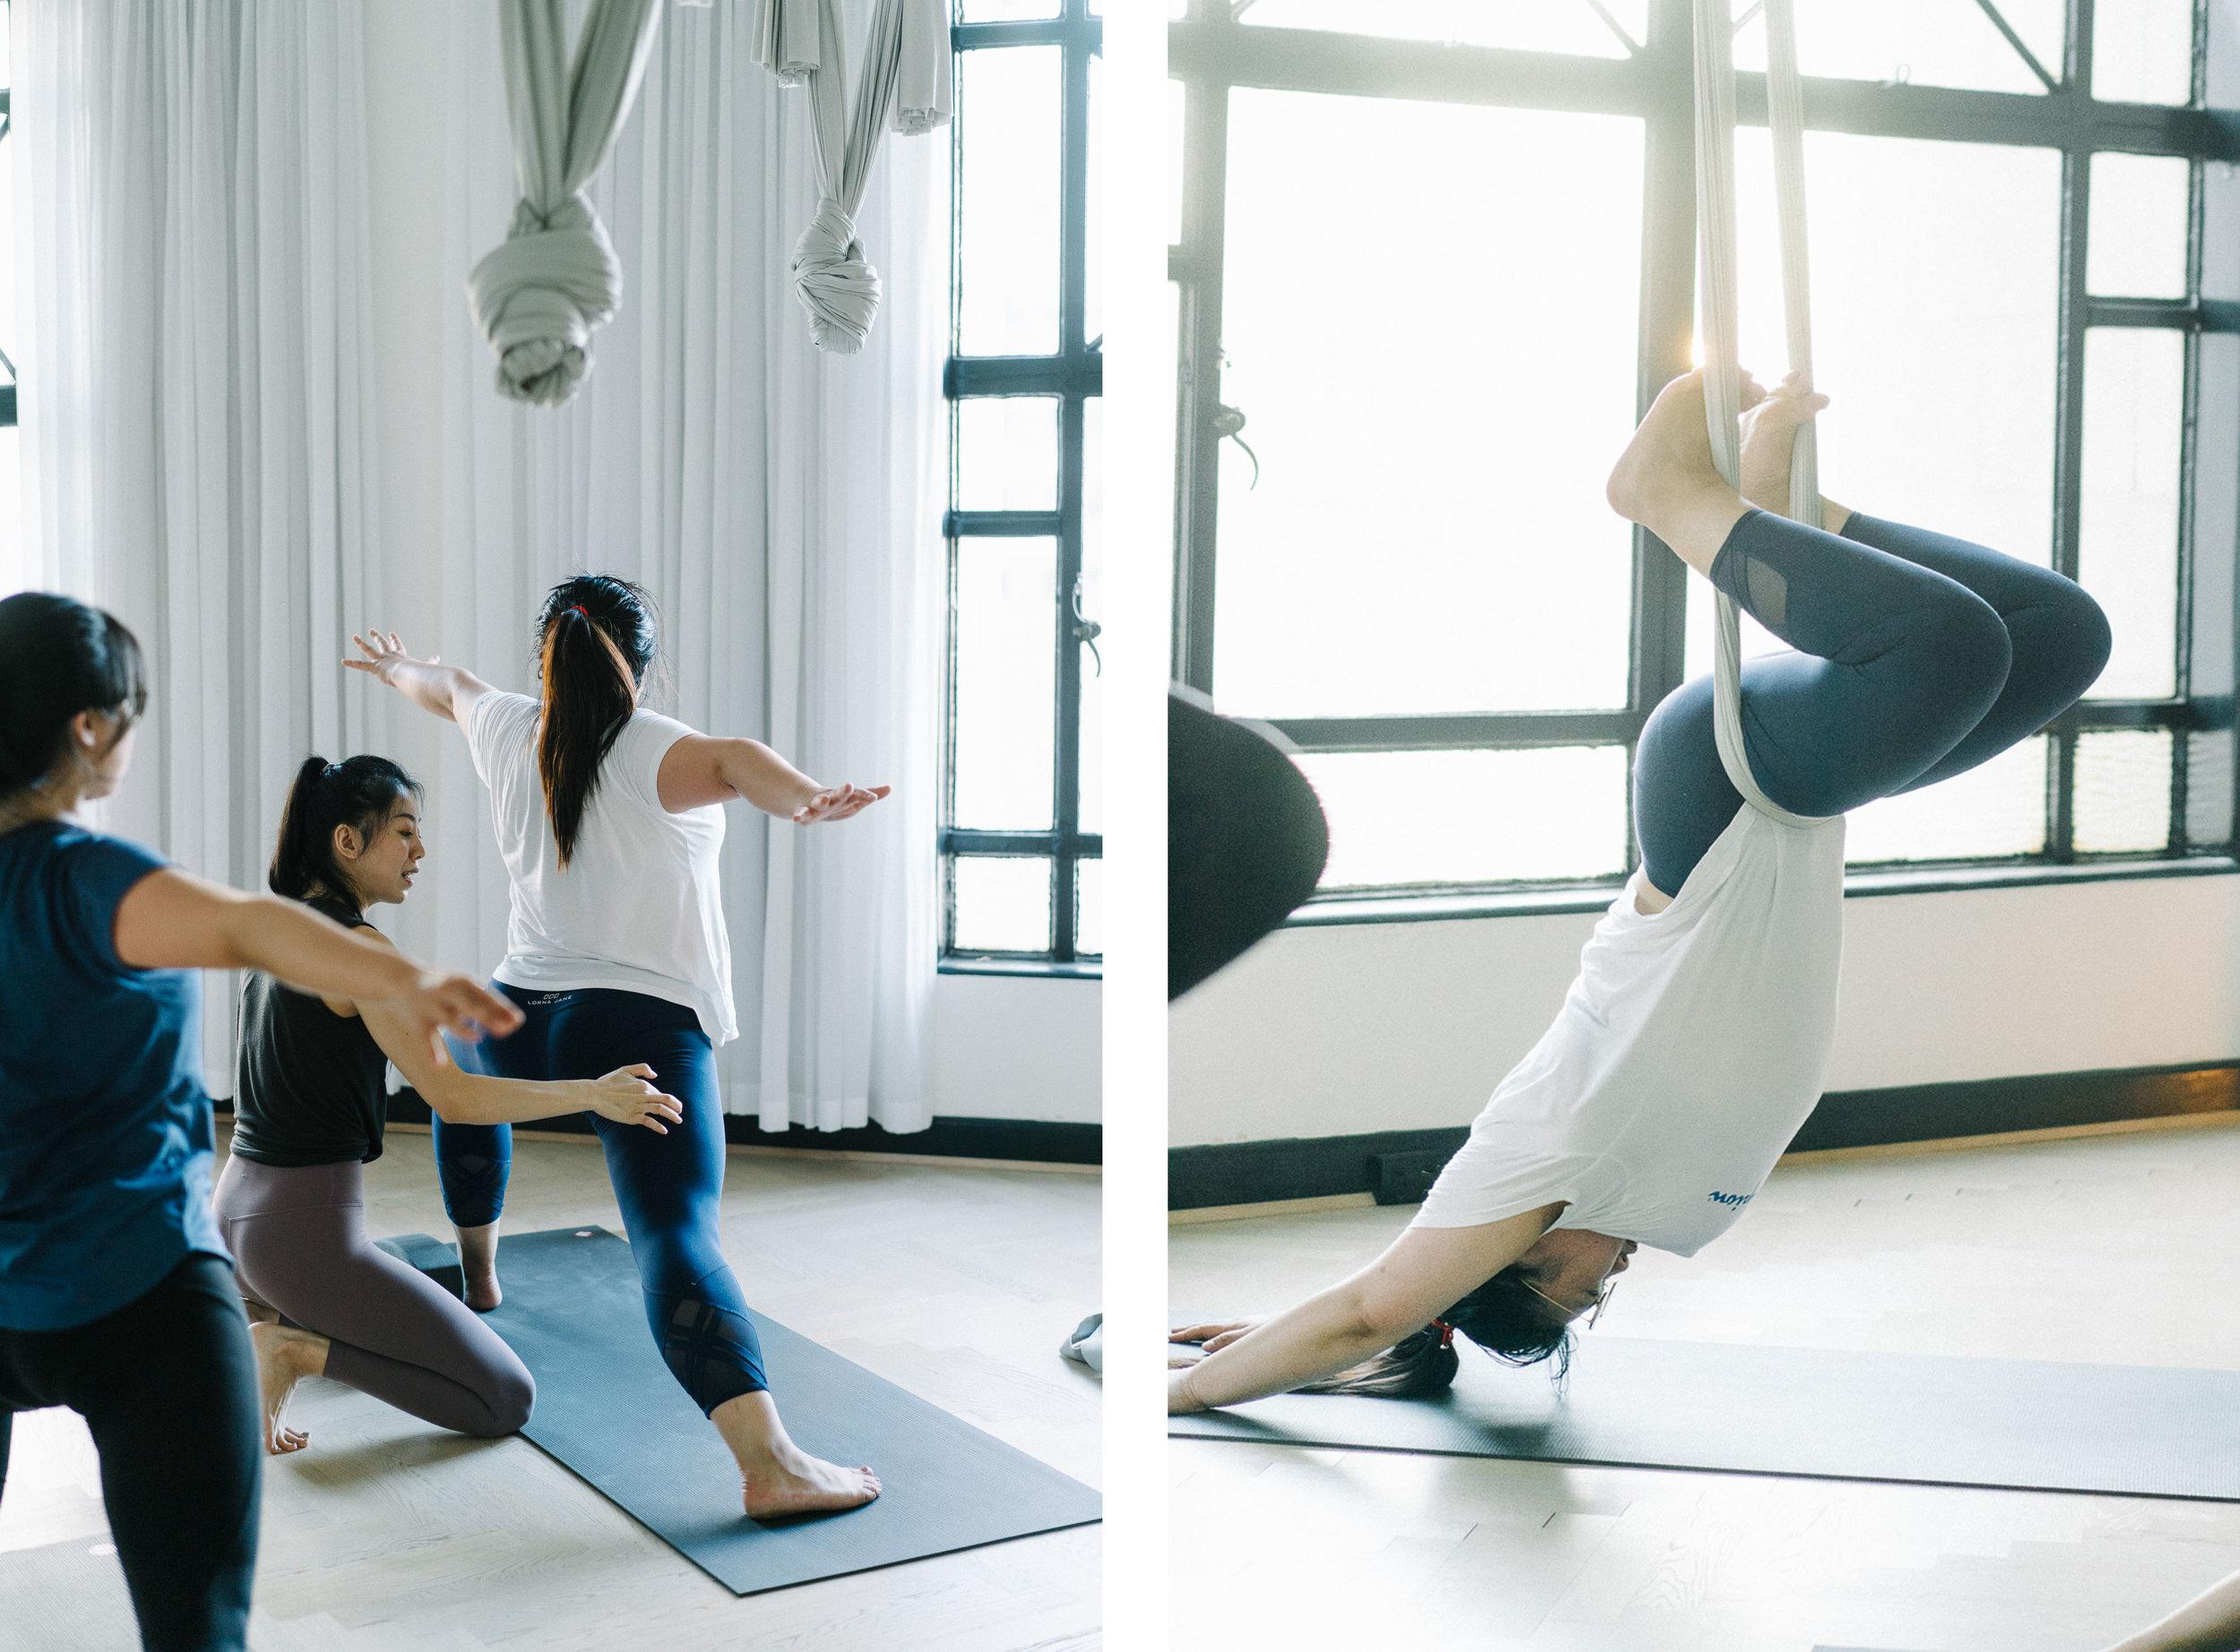 初识瑜伽只是想在繁忙工作生活中找个舒适的运动,拉拉筋伸伸腿,改善一下不动的生活方式。报名基础课以后认识了很多yoga buddy,相约一起练习,一起剁手买美美的瑜伽服,一起分享瑜伽带来的感受。上了基础课才知道,瑜伽不止是美美的摆几个pose,而是连同呼吸,体式,自制,有张有弛。更多的是把意识放回到自己身上,感知瑜伽给自己带来的感受,无论舒适或紧张。老师Jowing在基础课上绝对是一对一针对性的教会每个学生如何配合呼吸,如何发力和控制,体会到每个基础体式的要点。在基础课里打好基础,才能在以后的练习里效果最大化。虽然现在还有很多动作力不从心,但是瑜伽让我看到努力变好的自己,挺好的。    —— 瑜伽基础班学员    Tracy He